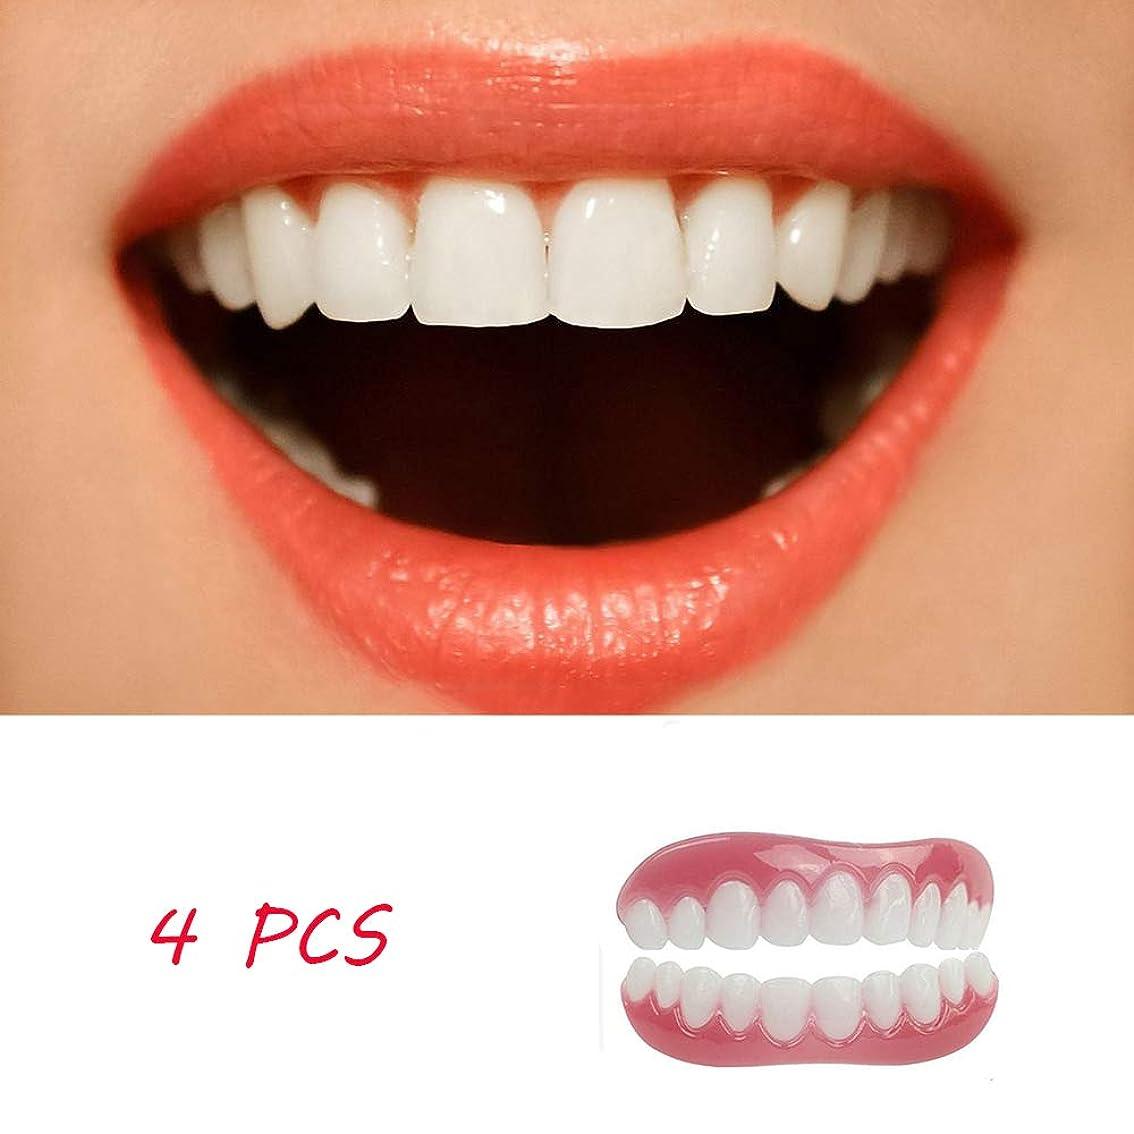 混沌ジレンマ銃新しい4ピースホワイトニング歯の快適さ柔らかい化粧品の歯一時的な笑顔のベニヤ歯科用化粧のベニヤ歯科用カバー美容ツール(上+下)